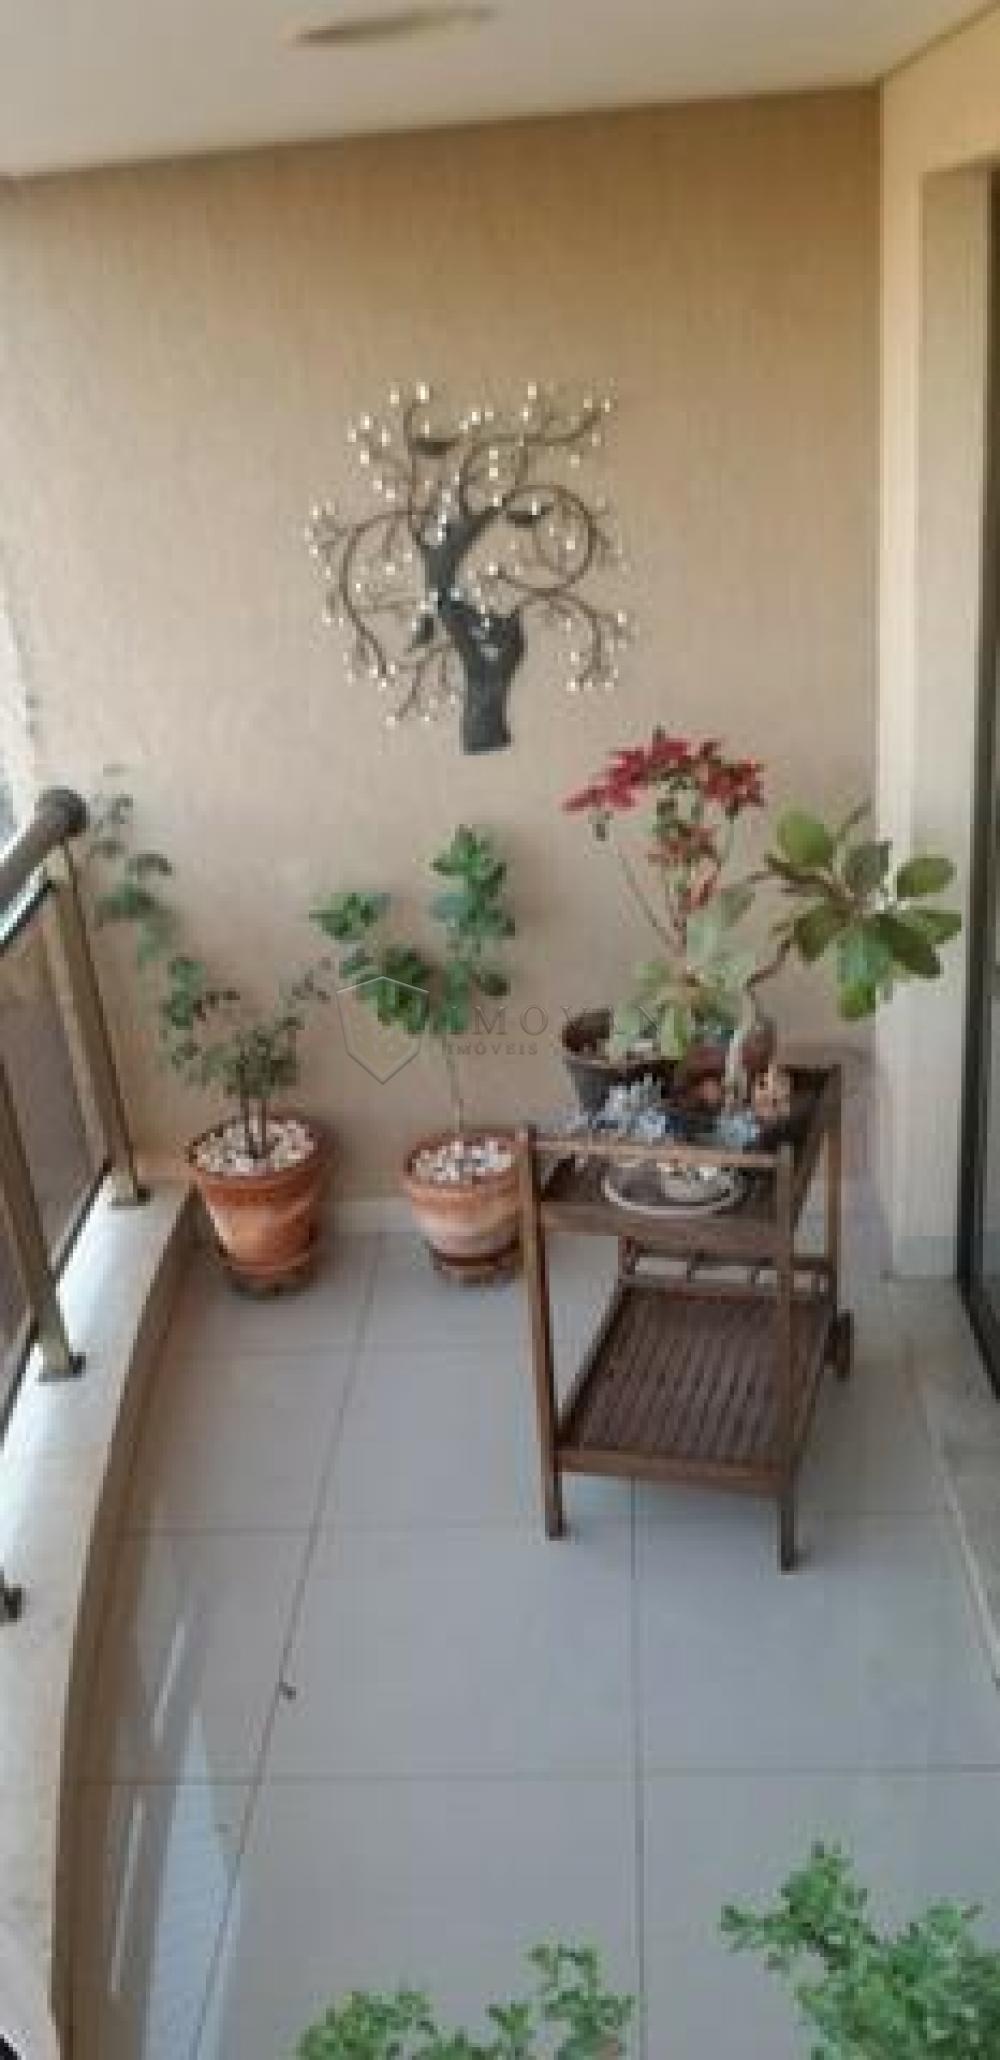 Comprar Apartamento / Padrão em Ribeirão Preto apenas R$ 485.000,00 - Foto 19